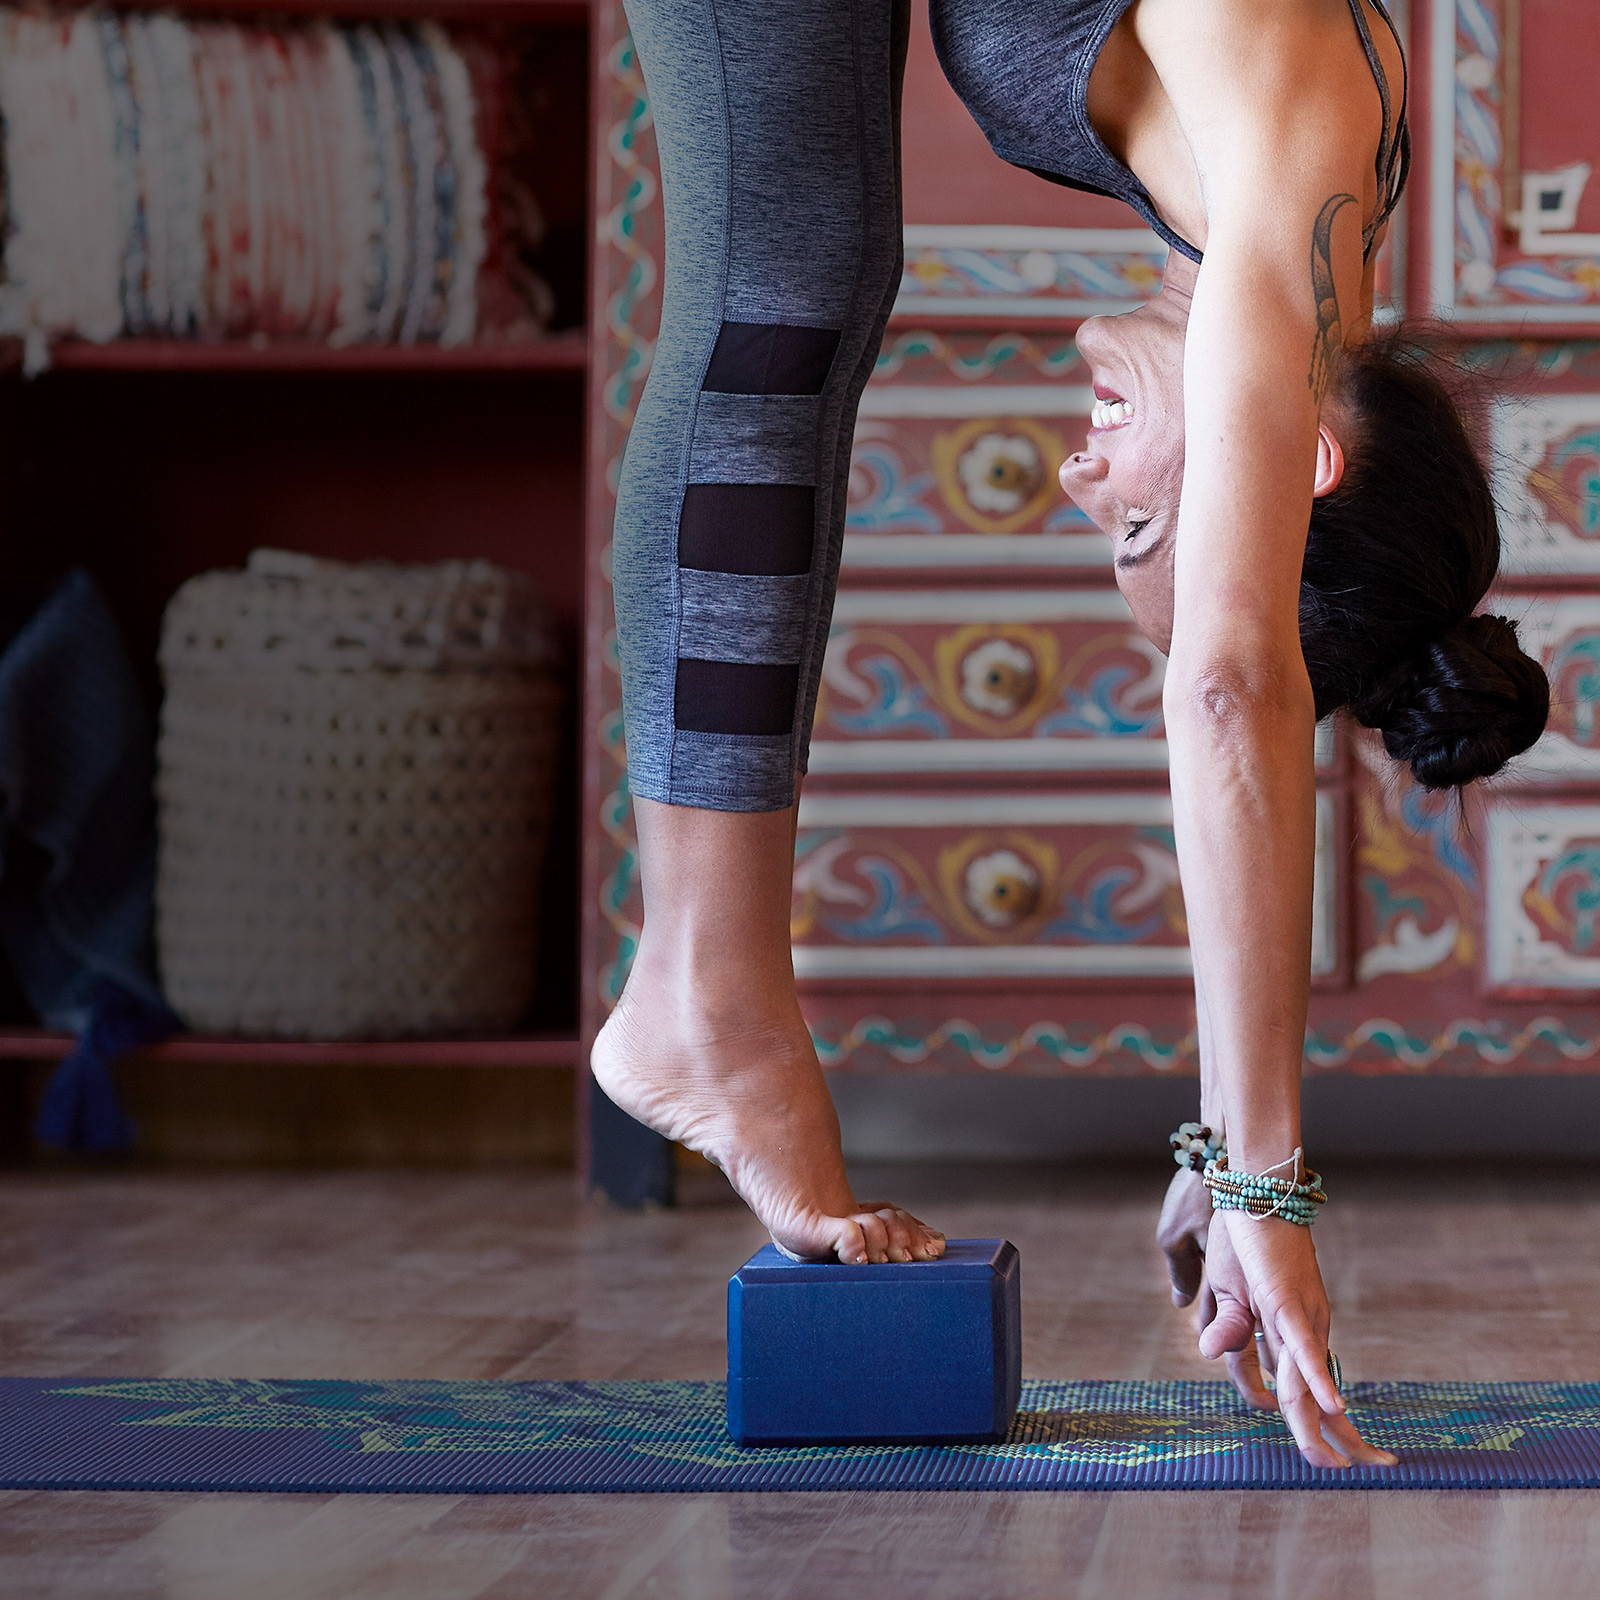 shop the $3 yoga block sale